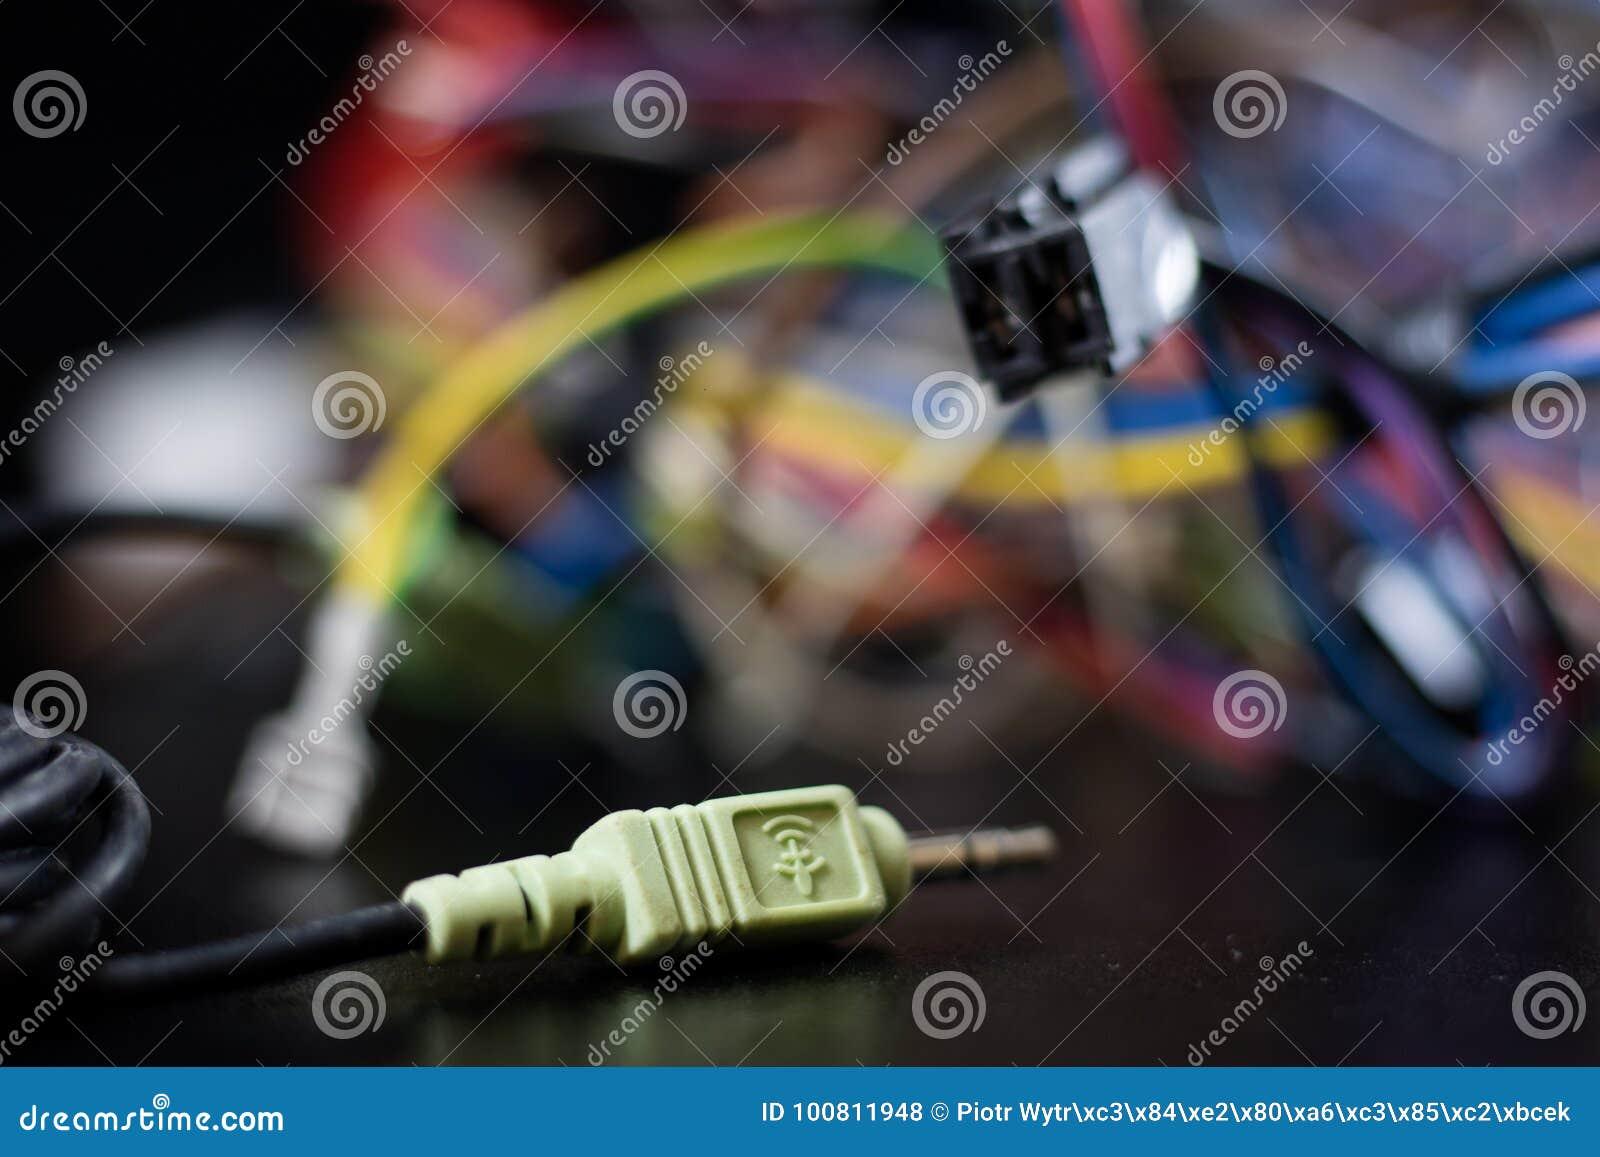 Cabos complicados velhos, eletrônica e conectores de cabo velhos na